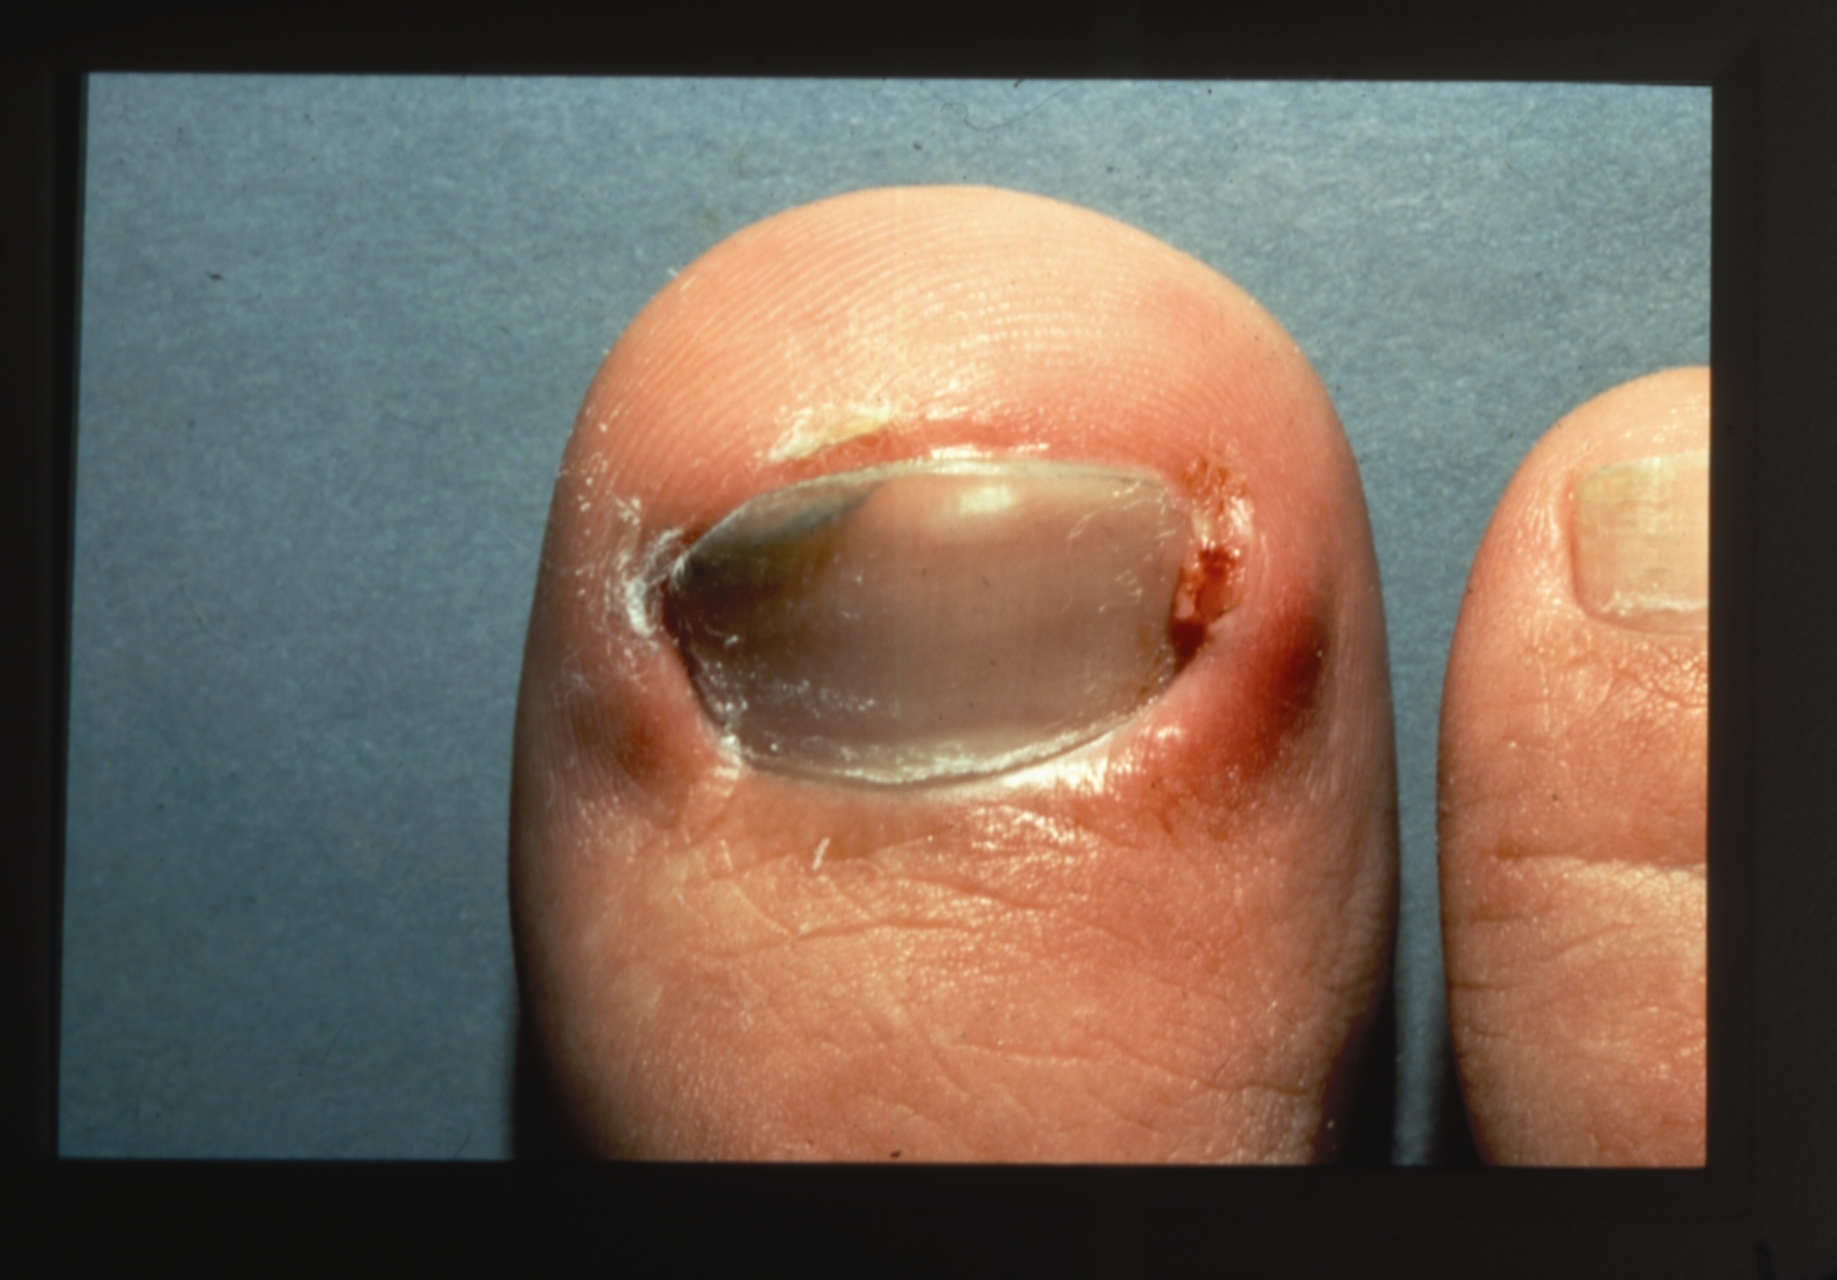 onychocryptosis (ingrown nails)